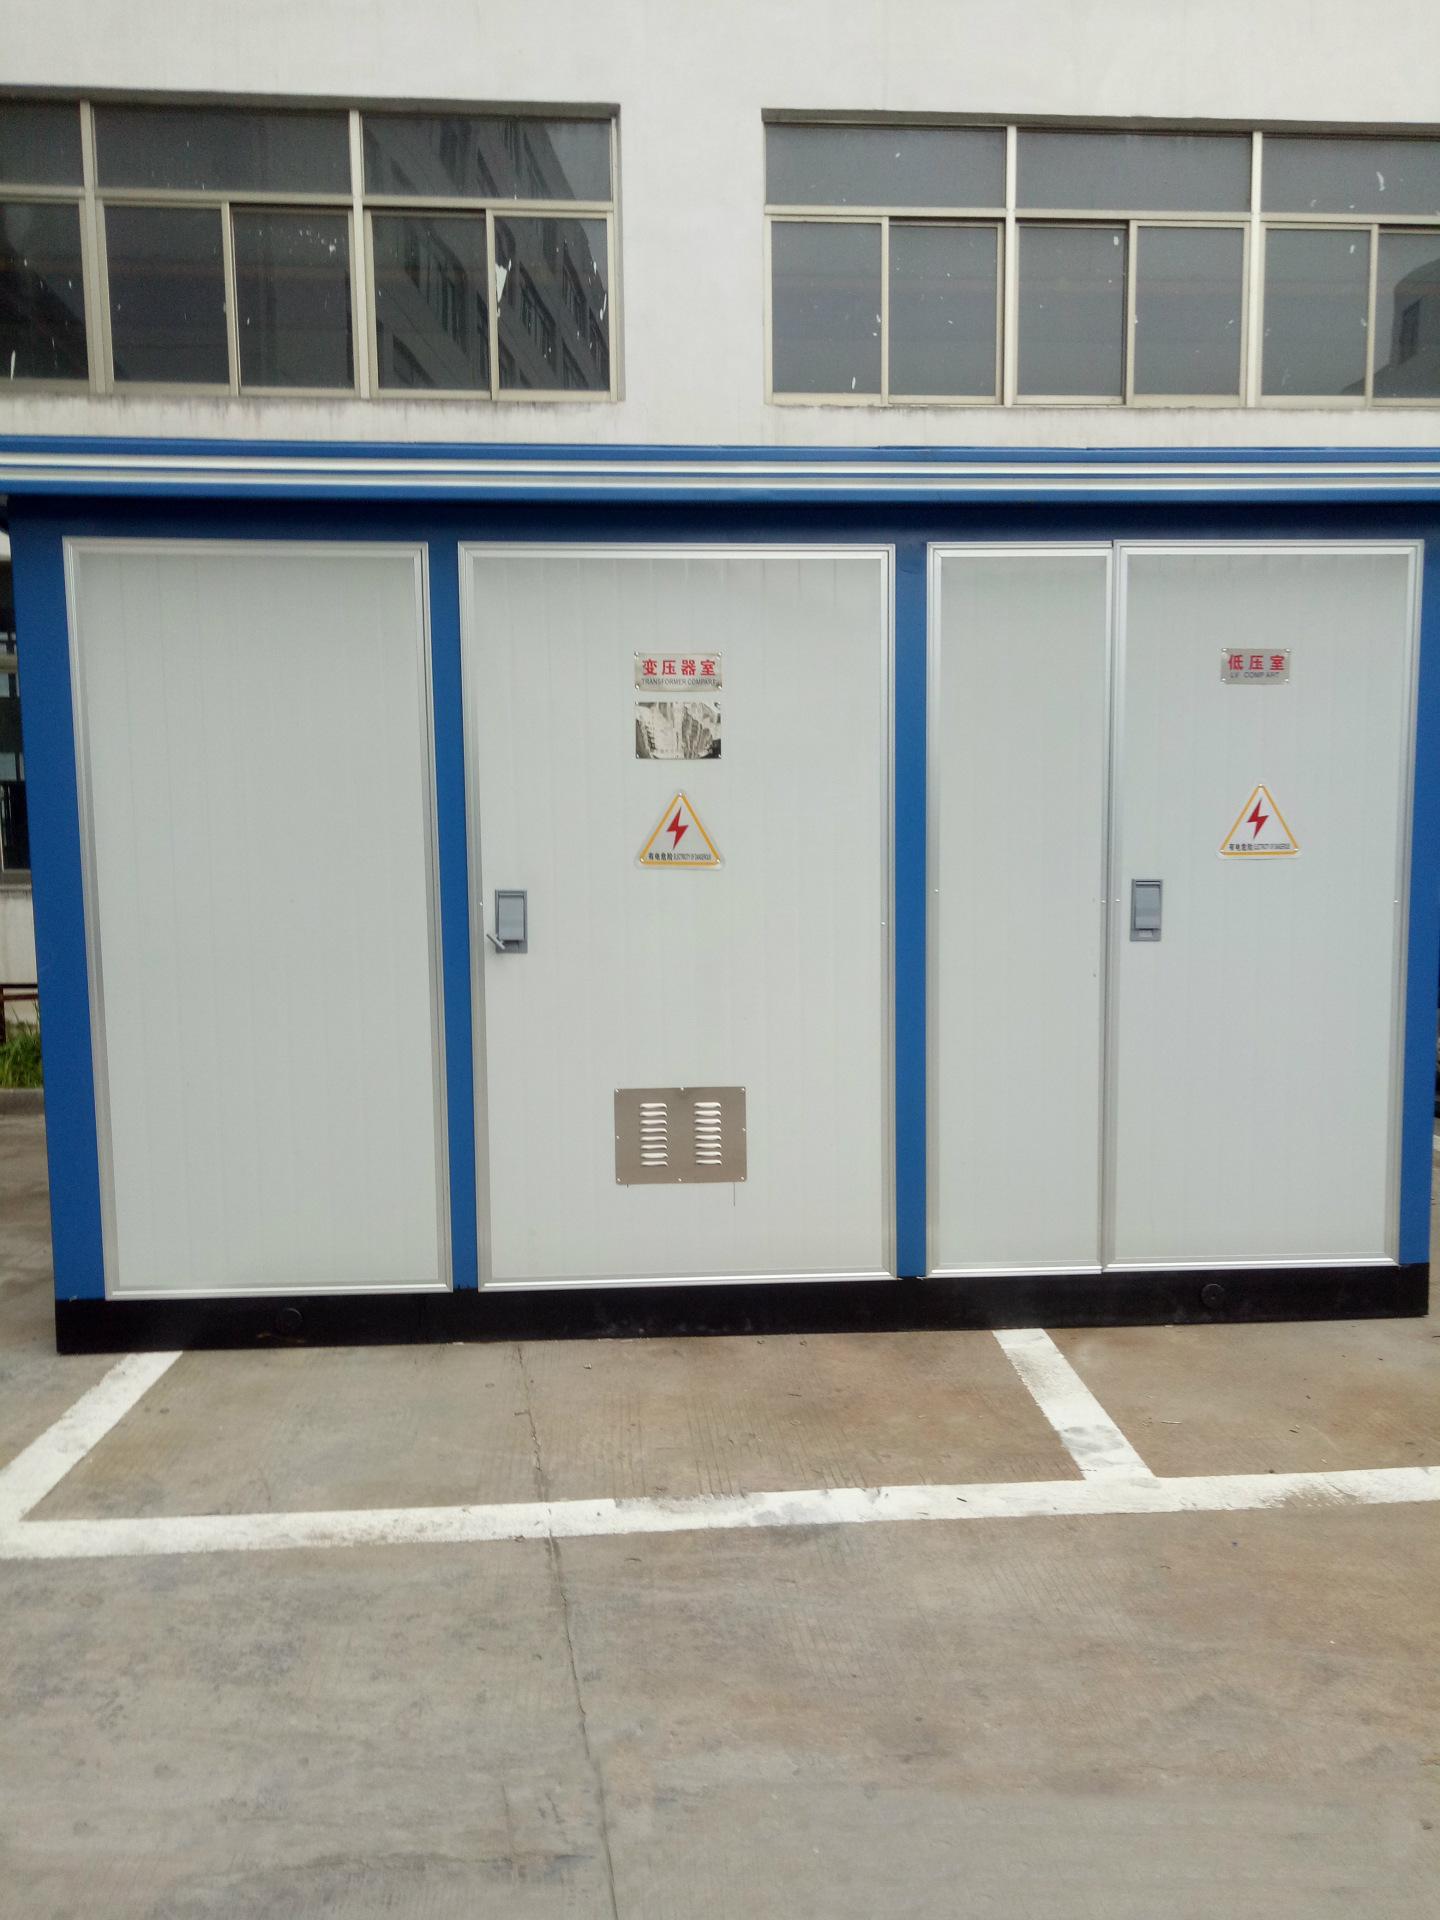 Nhà sản xuất Trạm biến áp điện ZBW-12 series thùng hộp Mỹ châu Âu